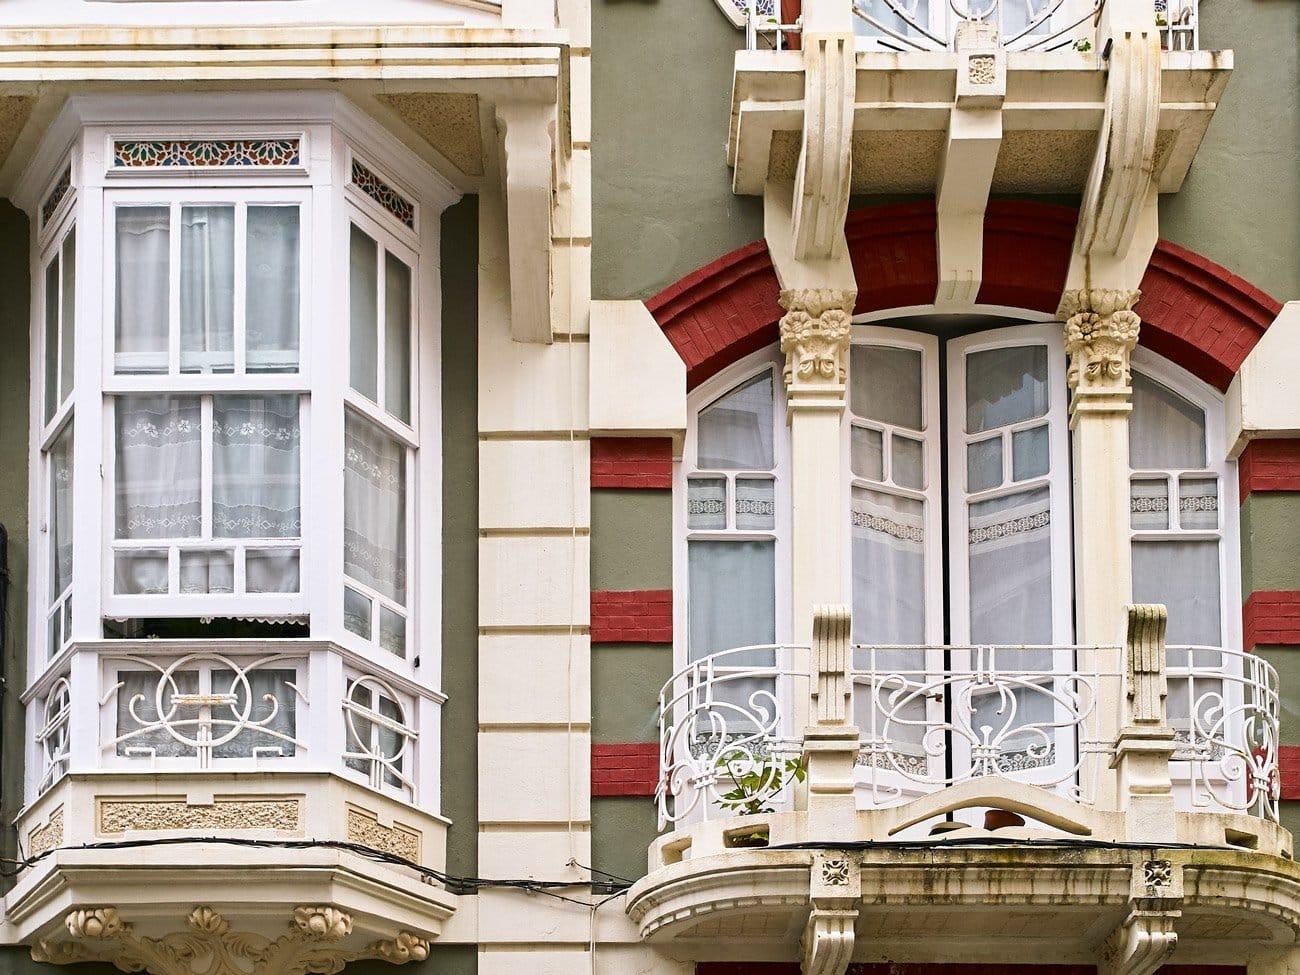 Casa Pereira 2-calle Dolores 64-Ferrol